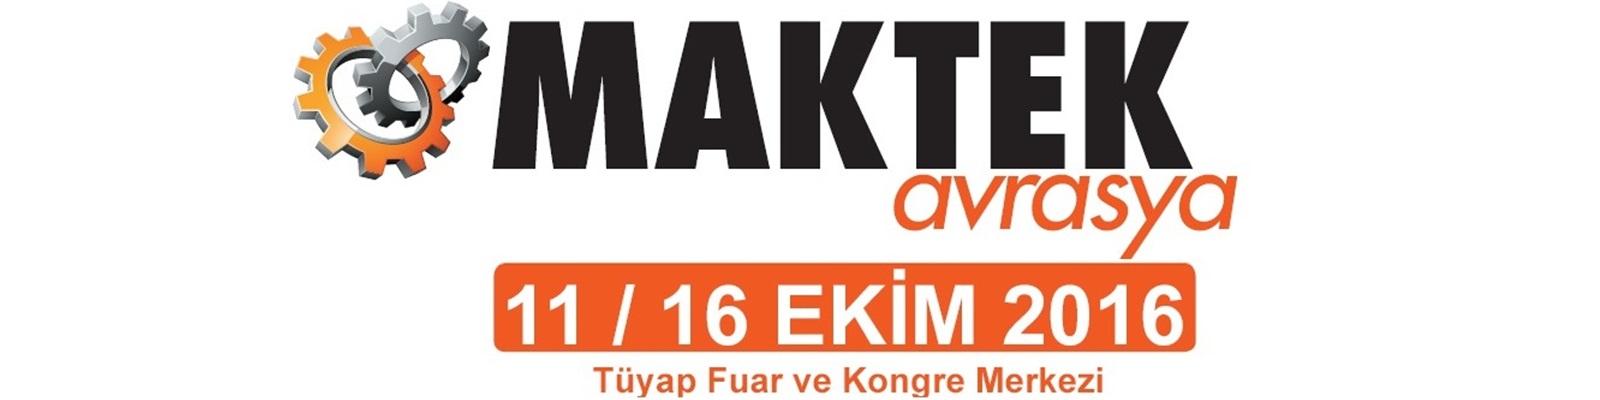 MAKTEK 2016